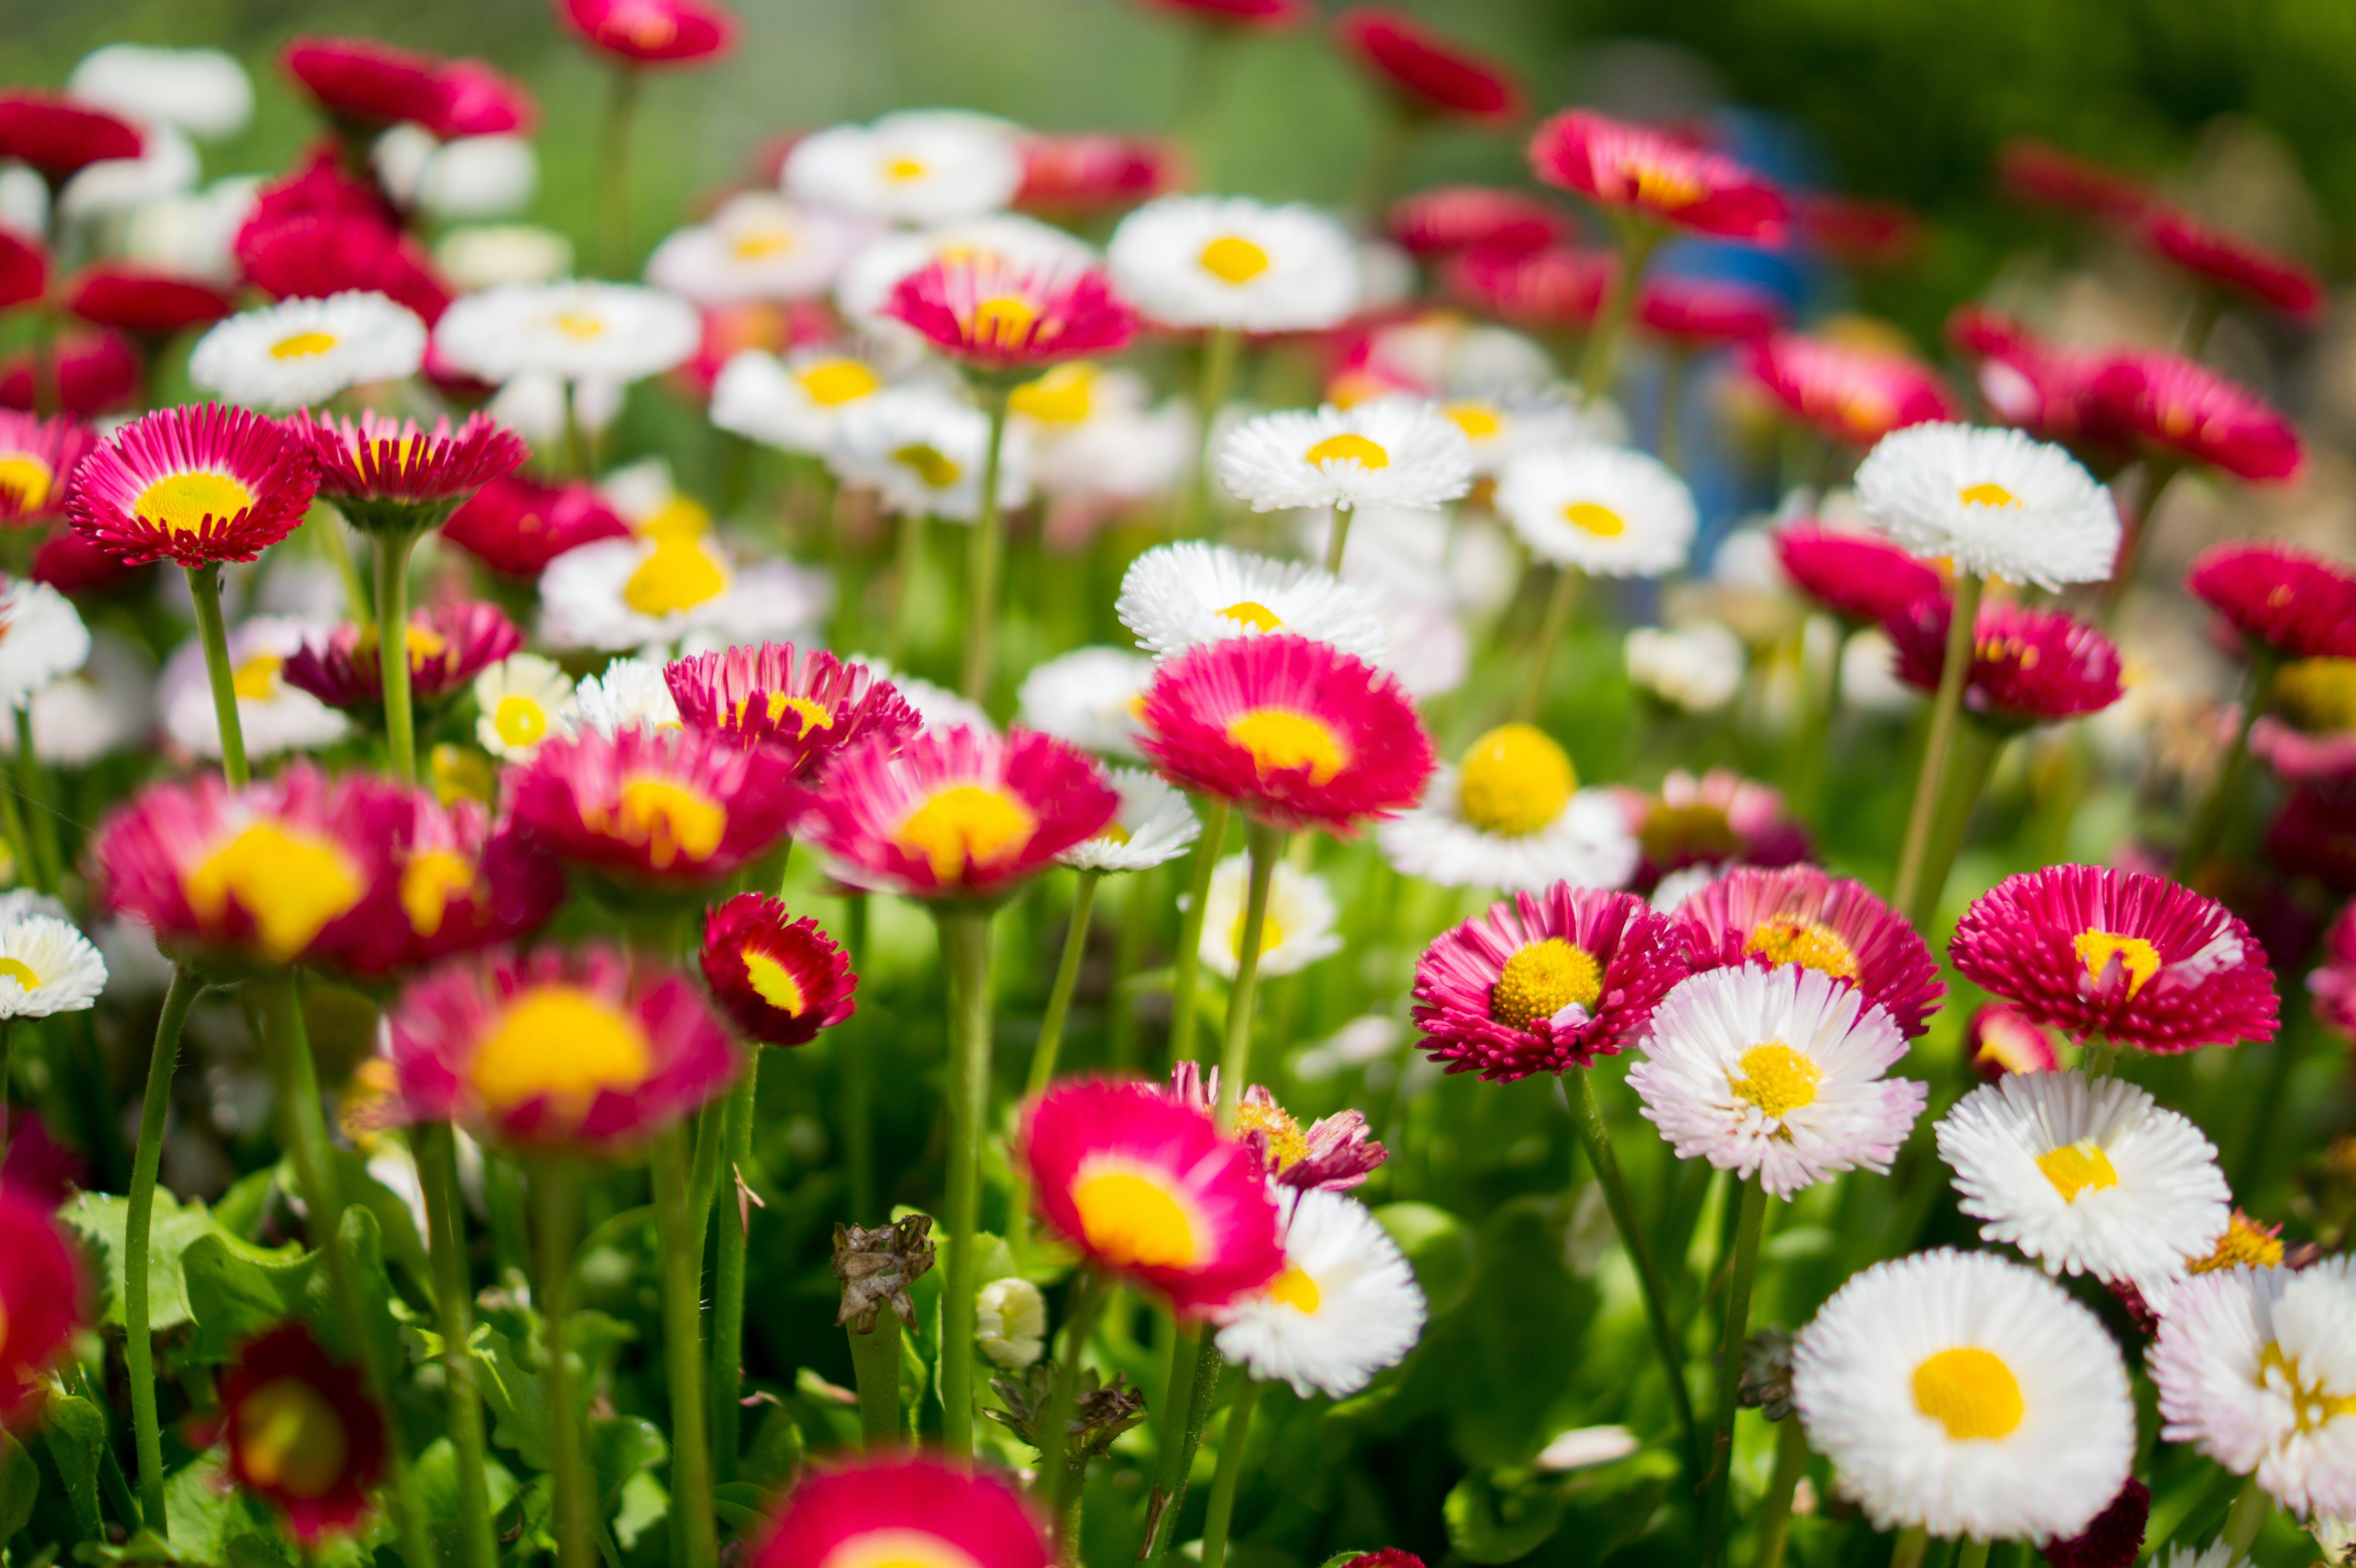 คลังภาพถ่ายฟรี ของ ดอกไม้, พฤกษา, พื้นหลังเดสก์ทอป, มีสีสัน